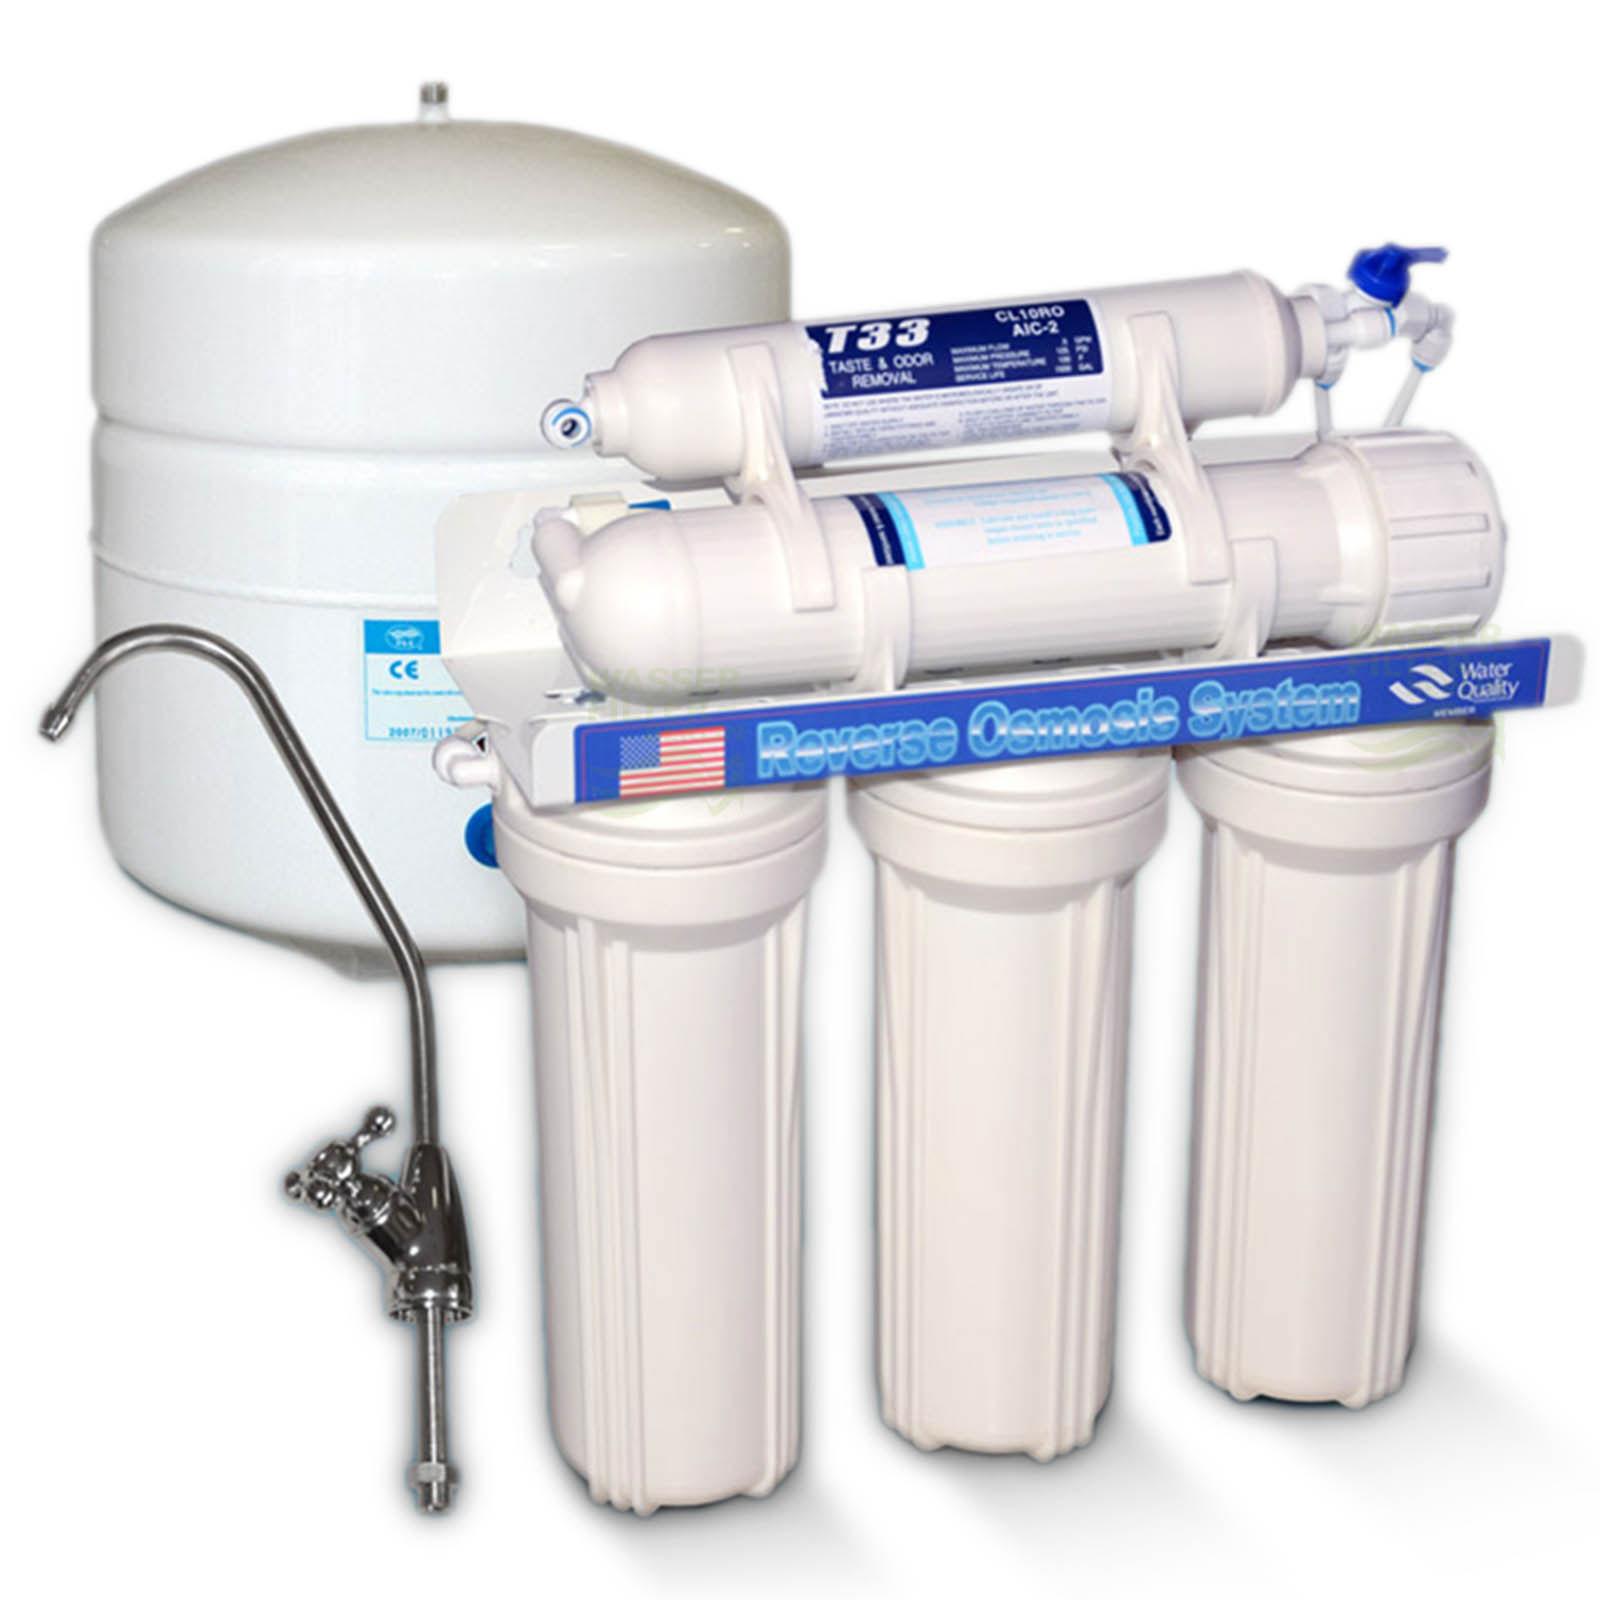 Umkehrosmose System 5-7-stufig 75 GPD Wasserfilter/Umkehrosmose WHG ...